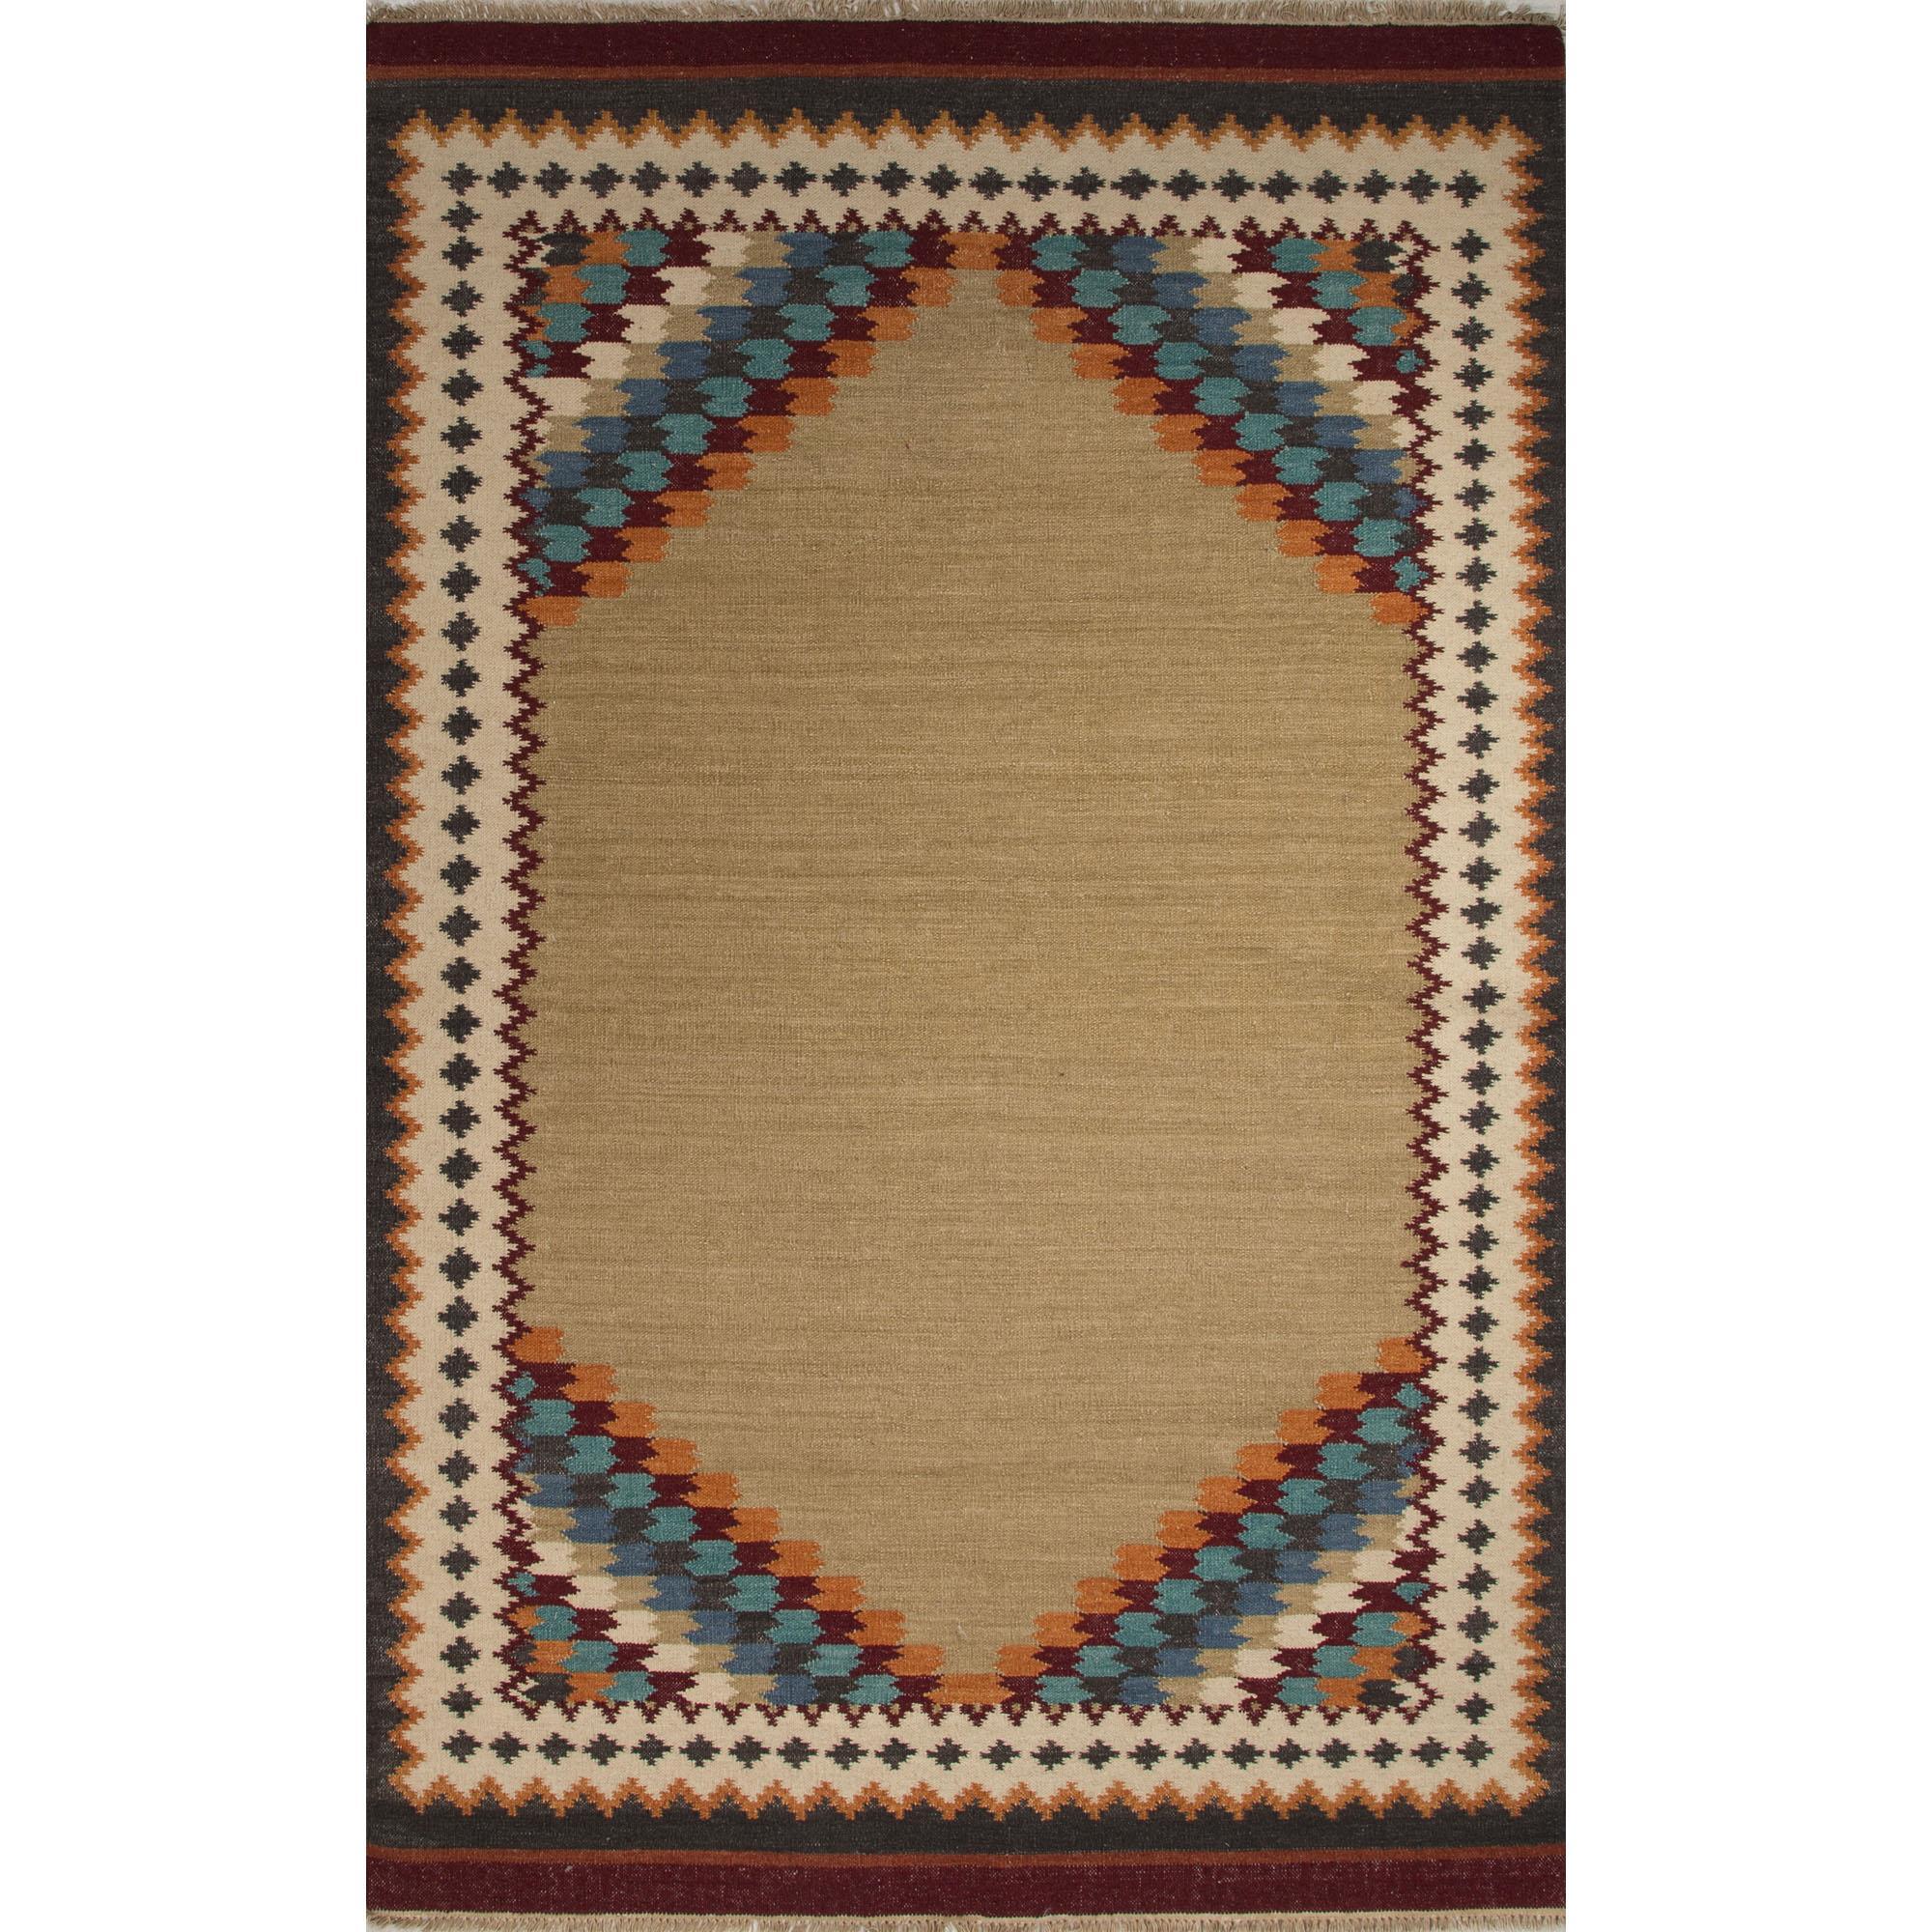 JAIPUR Rugs Anatolia 5 x 8 Rug - Item Number: RUG122011